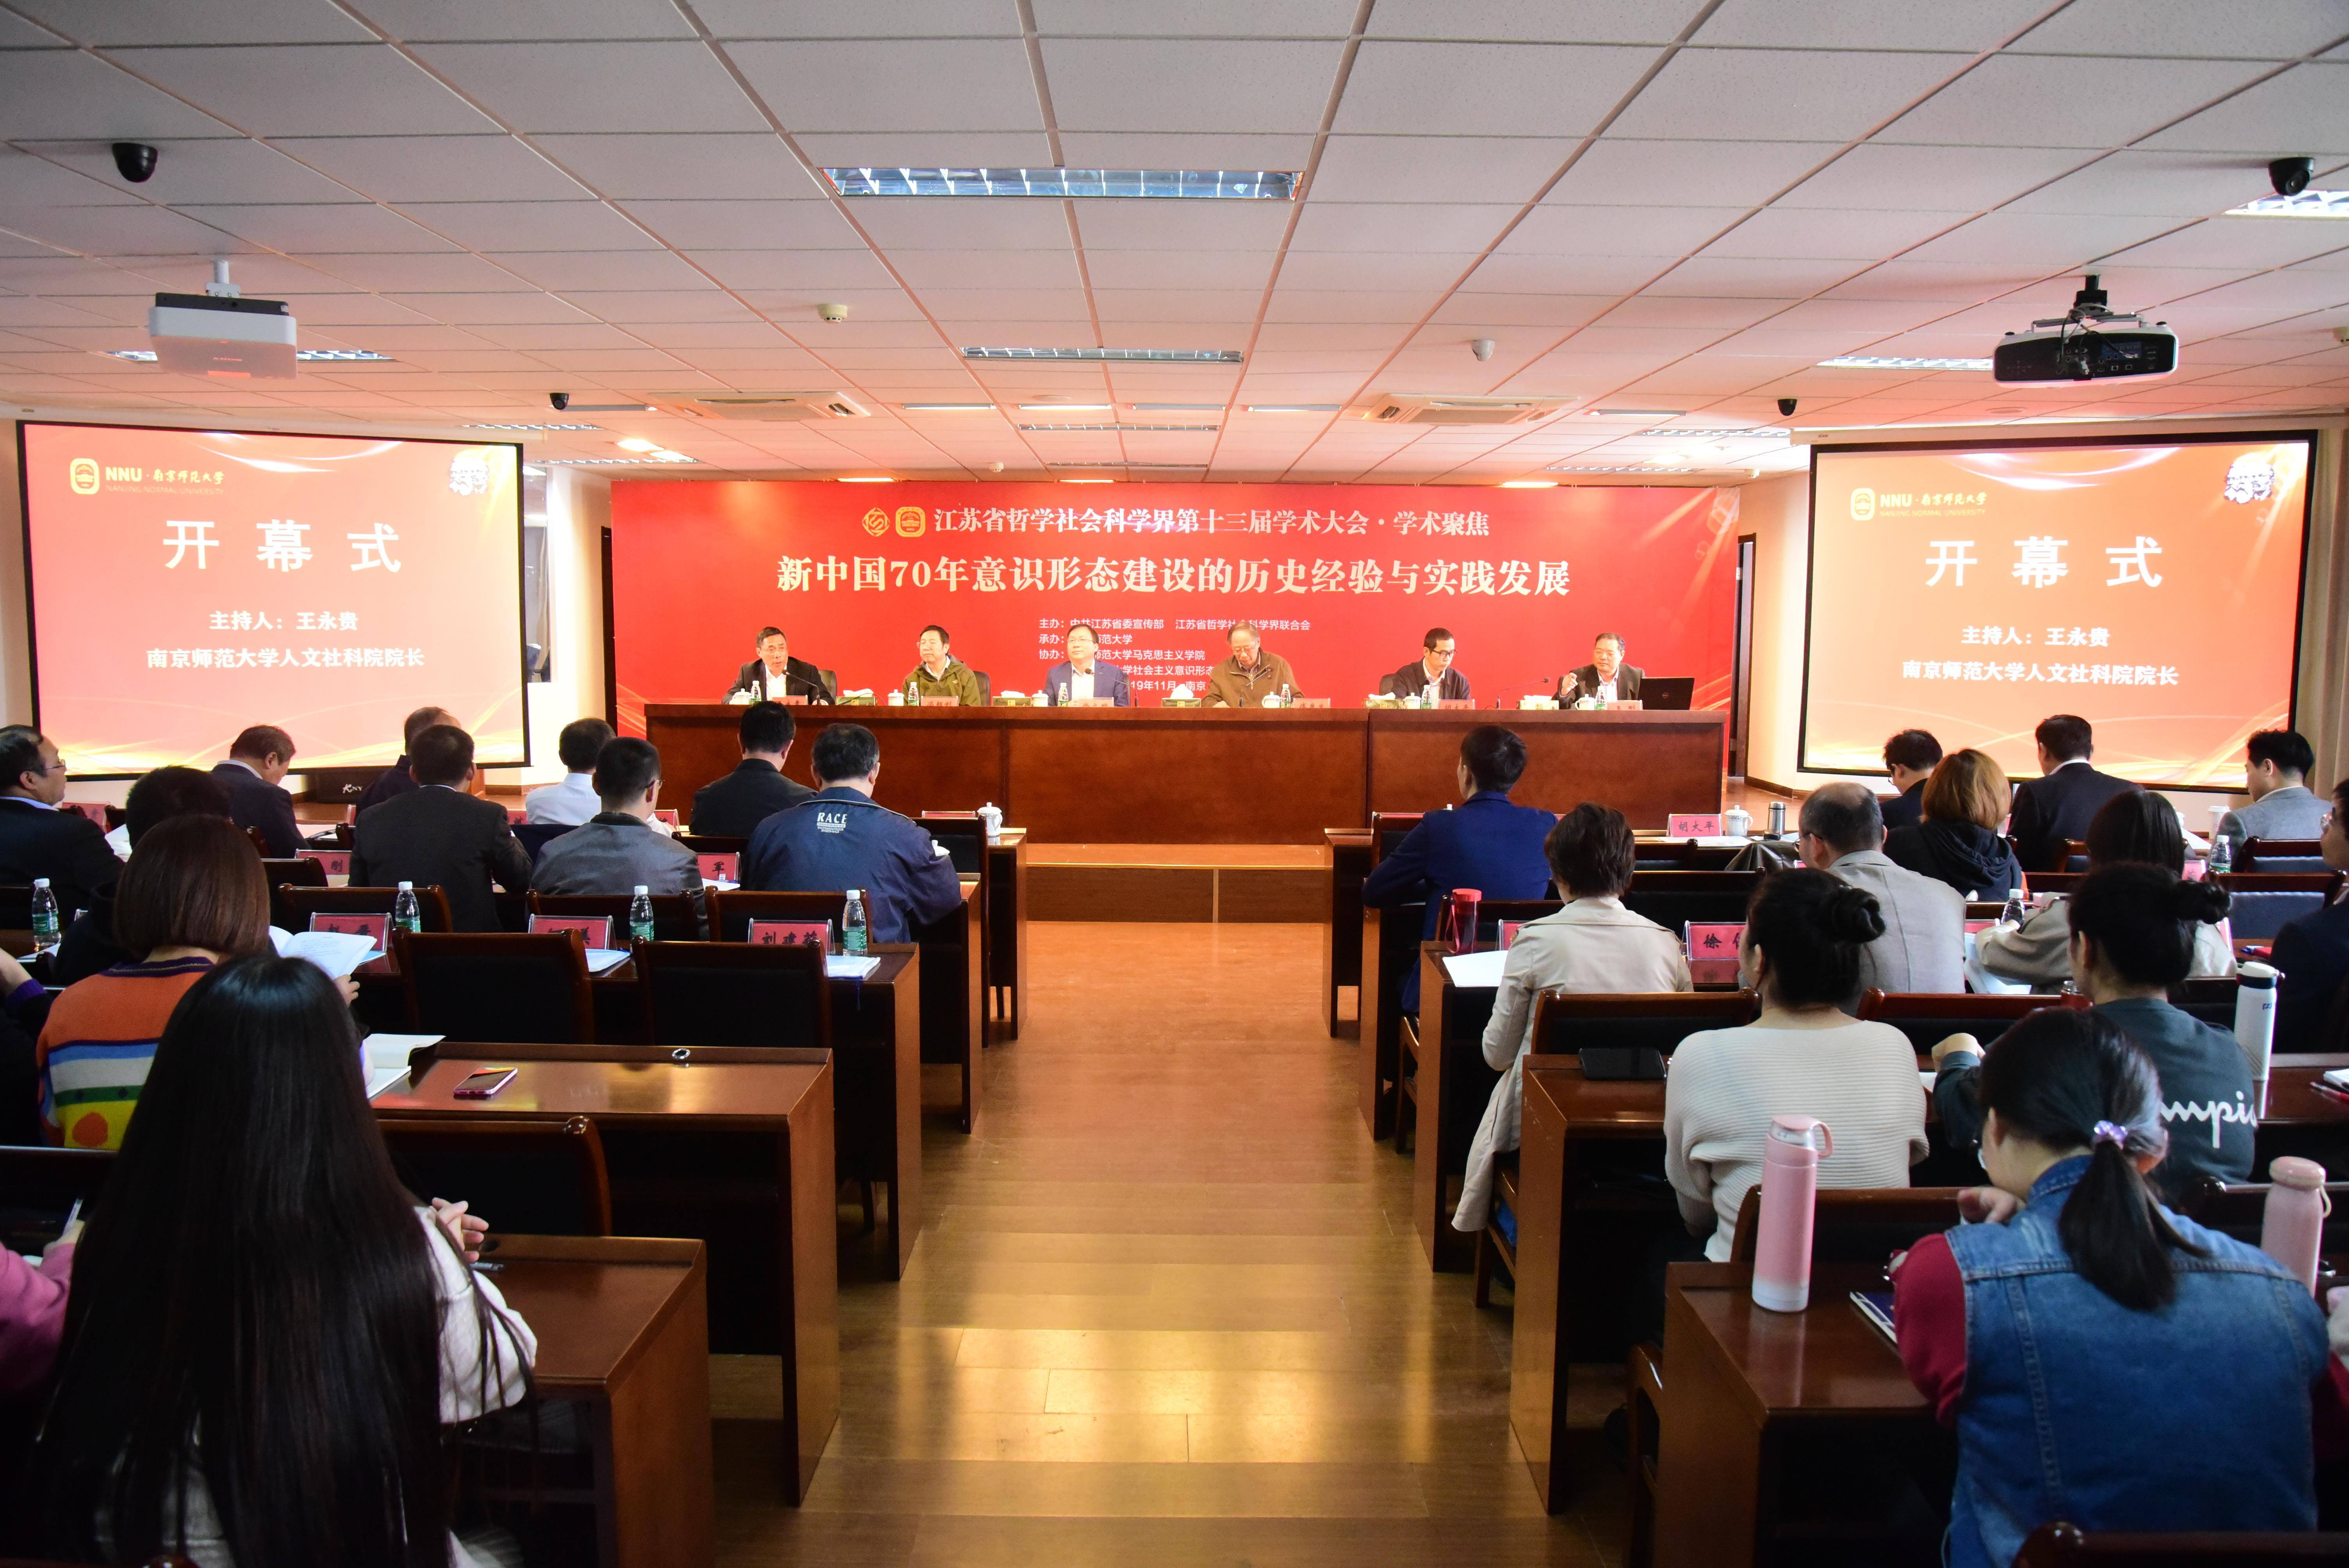 江苏省哲学社会科学界第十三届学术大会学术聚焦专场召开